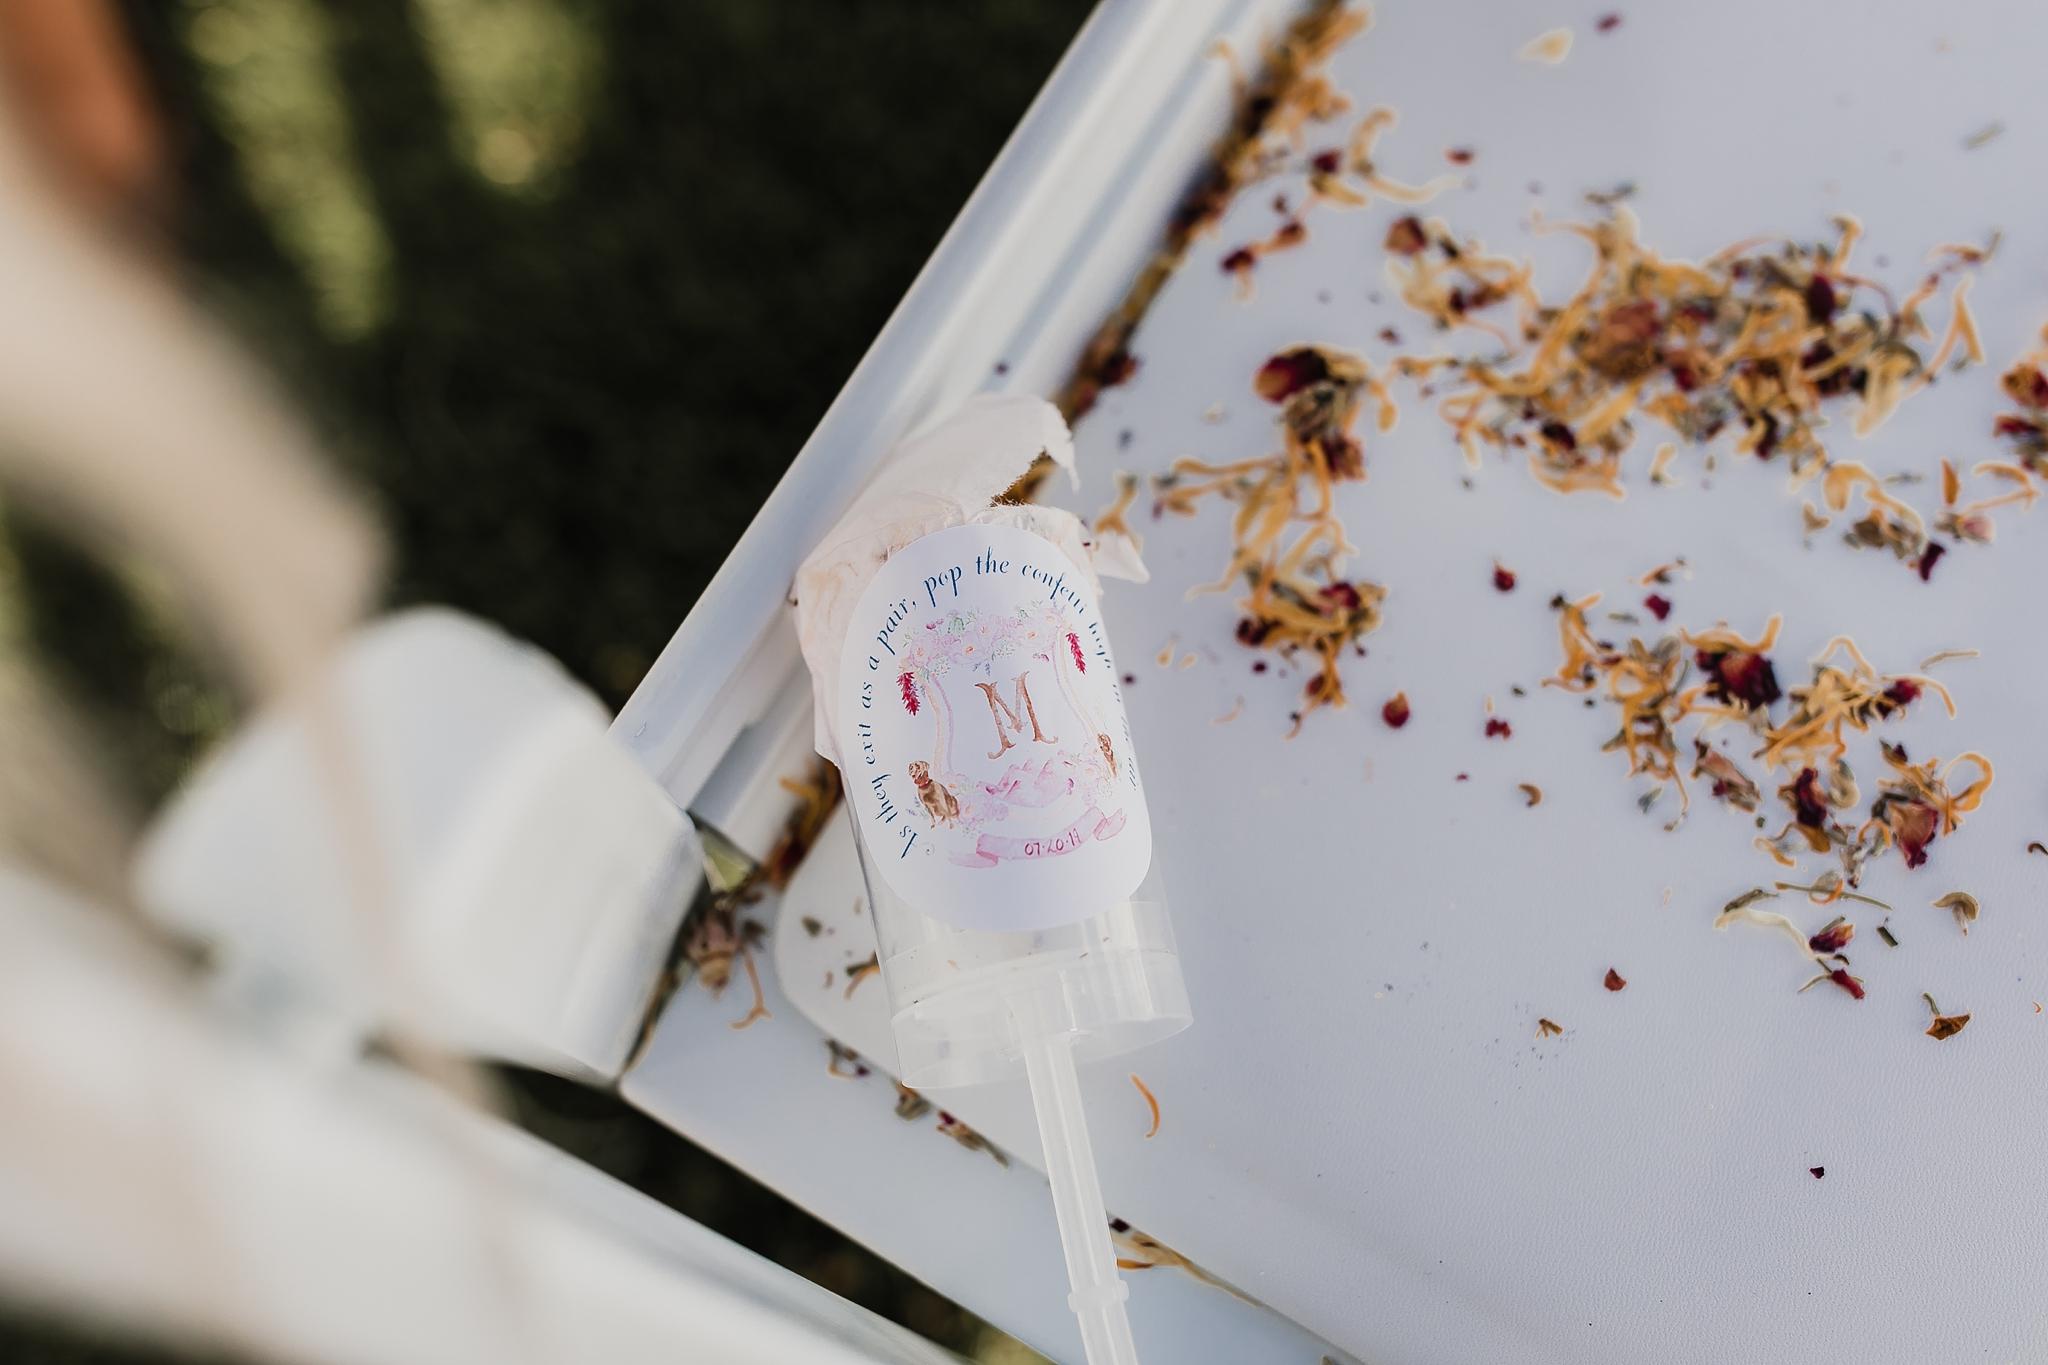 Alicia+lucia+photography+-+albuquerque+wedding+photographer+-+santa+fe+wedding+photography+-+new+mexico+wedding+photographer+-+new+mexico+wedding+-+las+campanas+wedding+-+santa+fe+wedding+-+maximalist+wedding+-+destination+wedding_0080.jpg